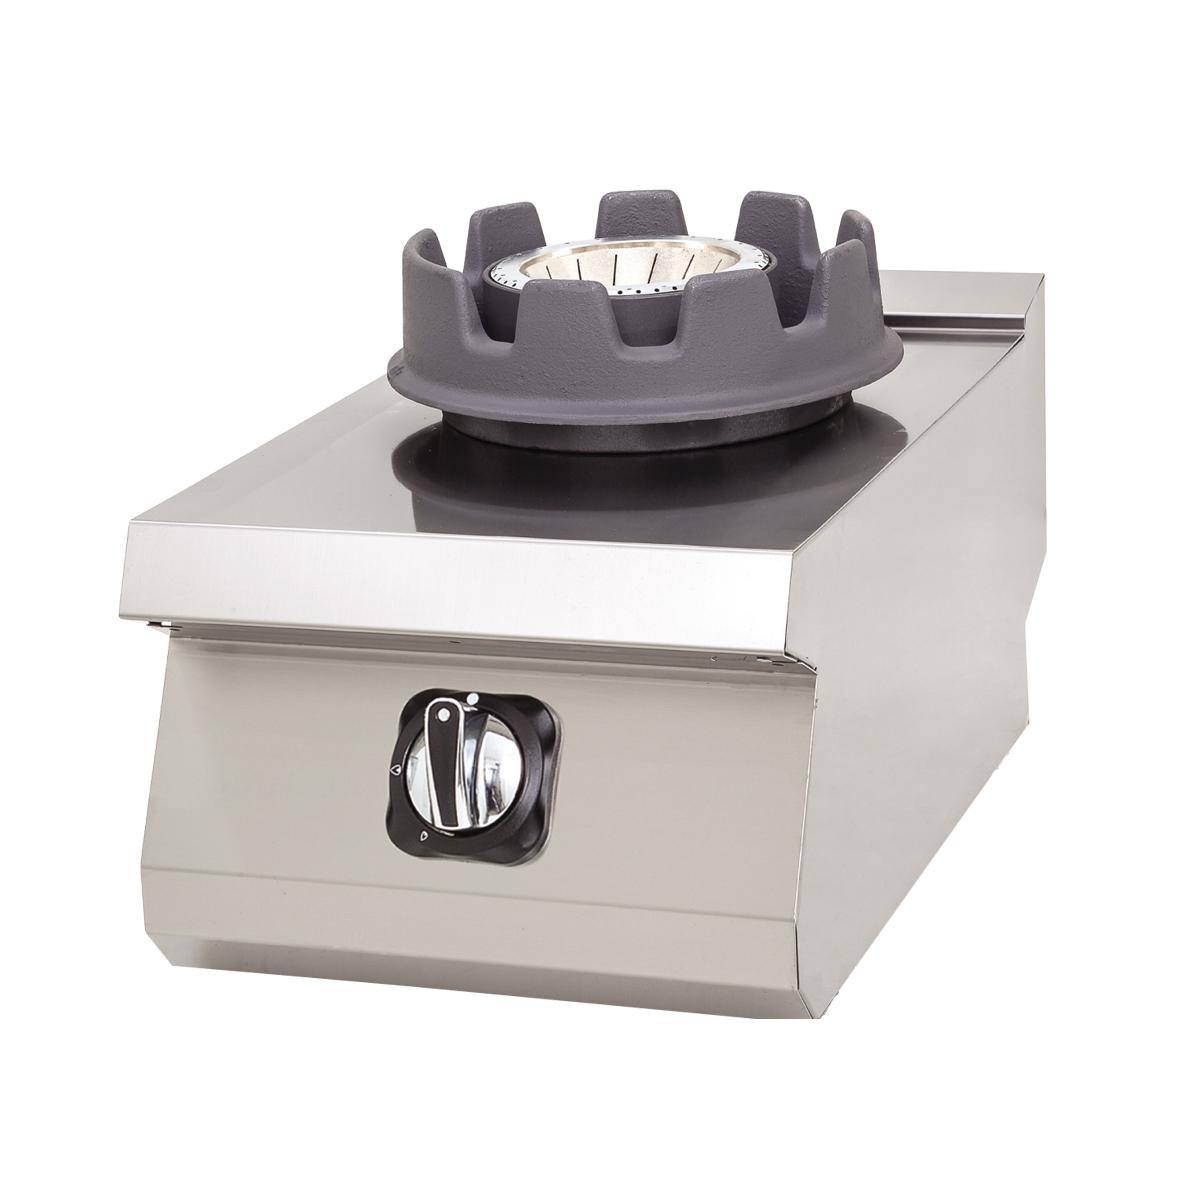 Gas Wok Cooker - 40x70